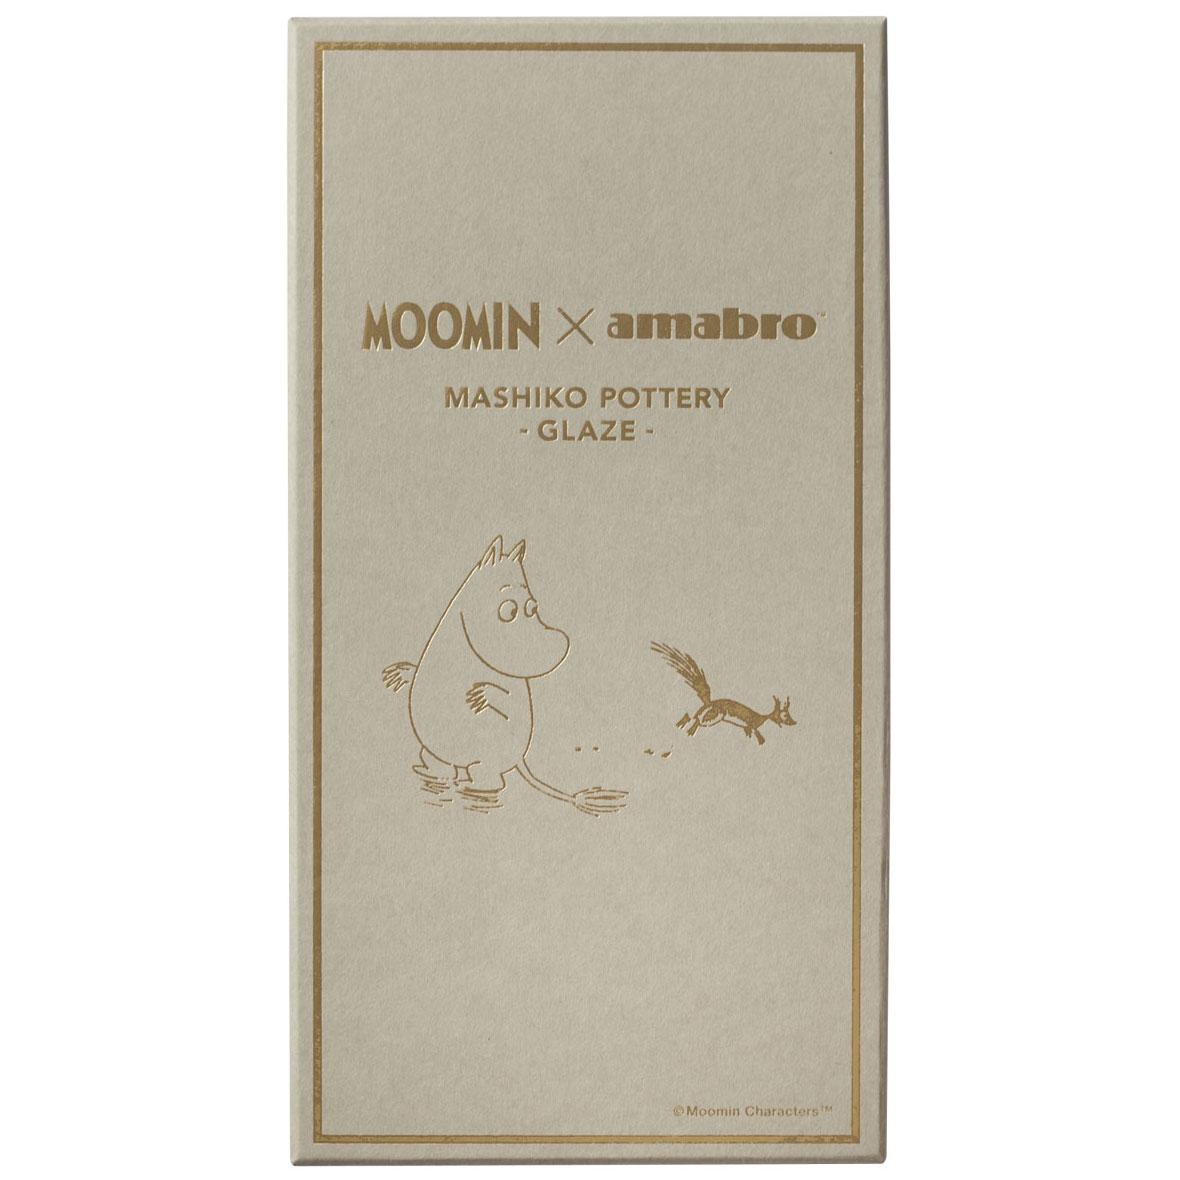 ギフトセット amabro MOOMIN x amabro MASHIKO POTTERY -GLAZE- 5枚組ボックスセット おすすめギフト! アマブロ ムーミン 益子焼 5枚セット